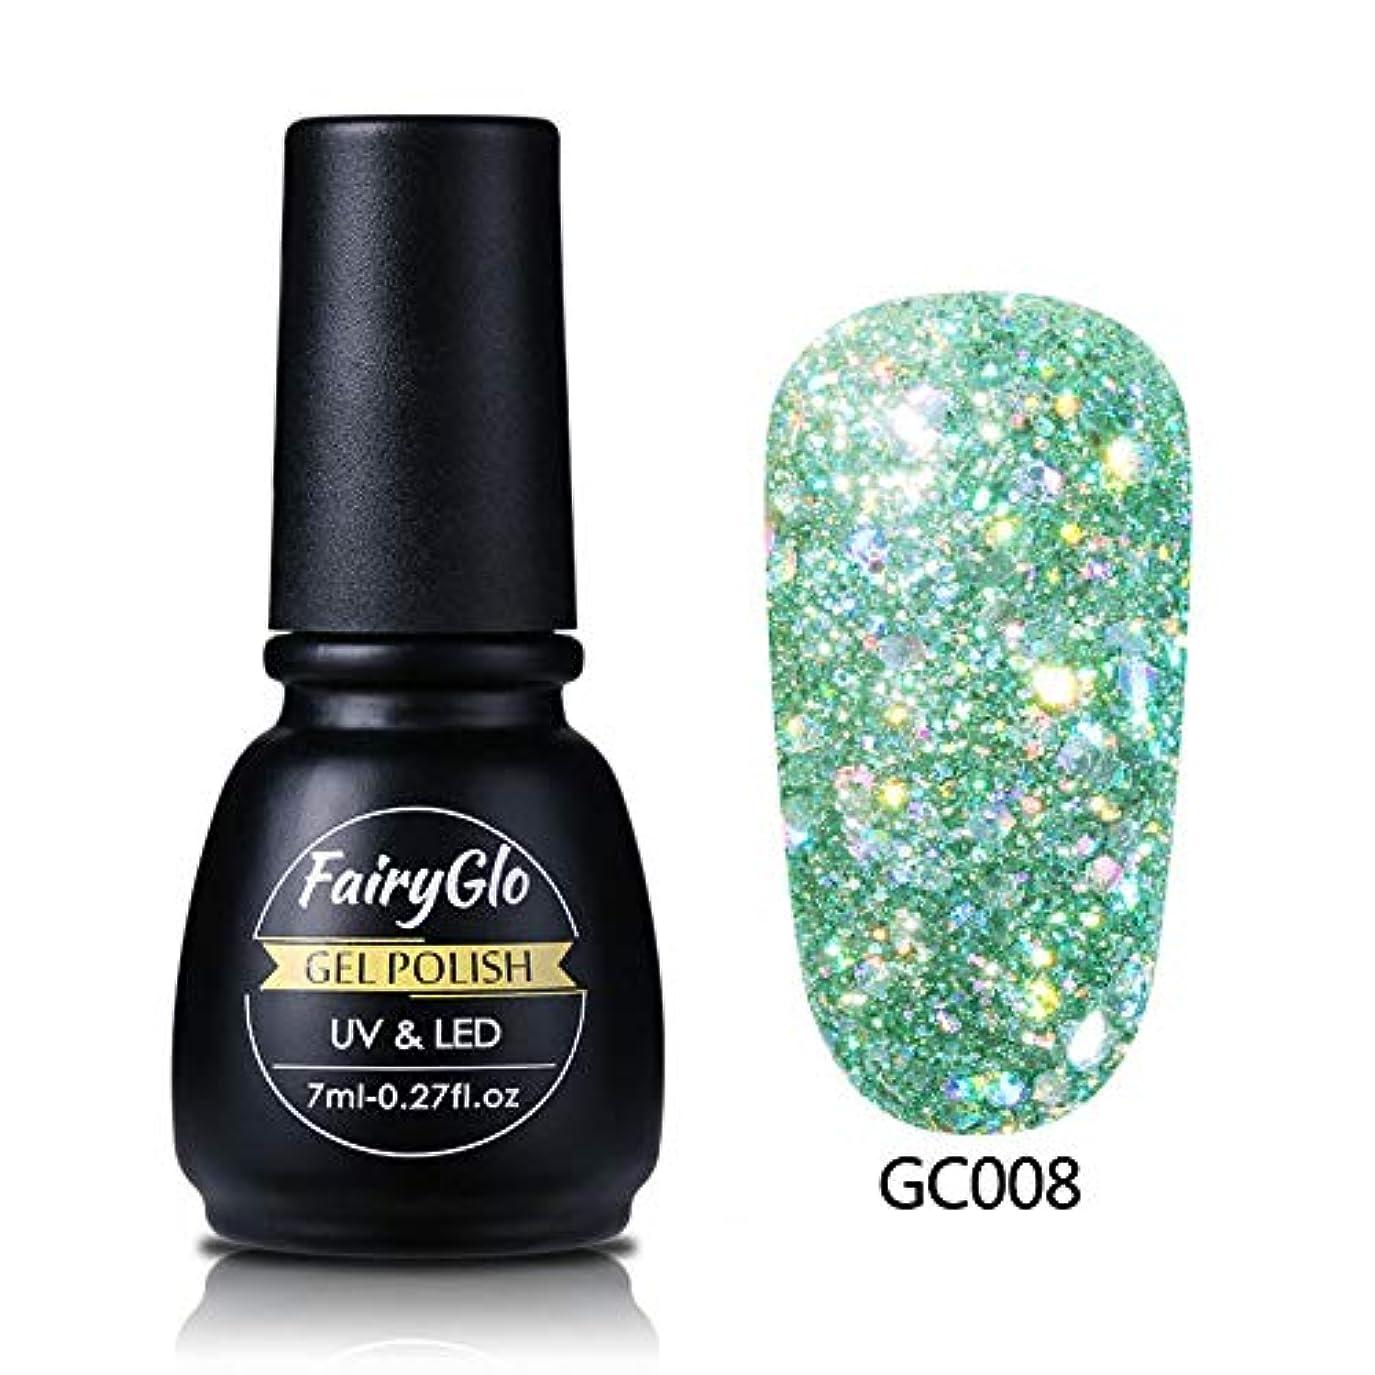 ギャップ呼び出す抹消Fairyglo ジェルネイル カラージェル ダイヤモンド系 グリッタージェル 7ml【全61色選択可】